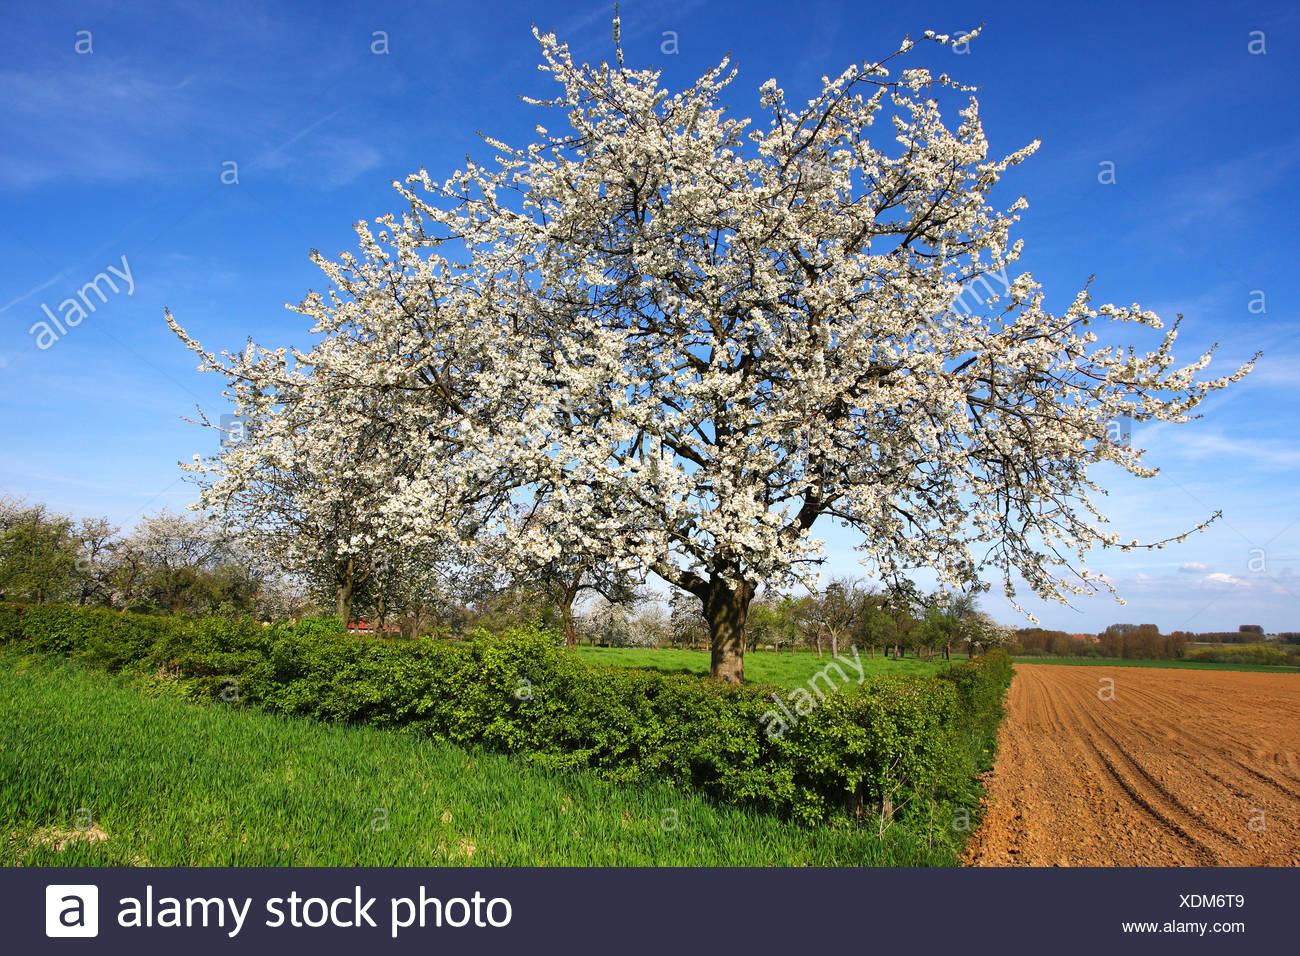 Cherry tree, Sweet cherry (Prunus avium), flowering cherry tree in field scenery, Belgium, Ardennes Stock Photo